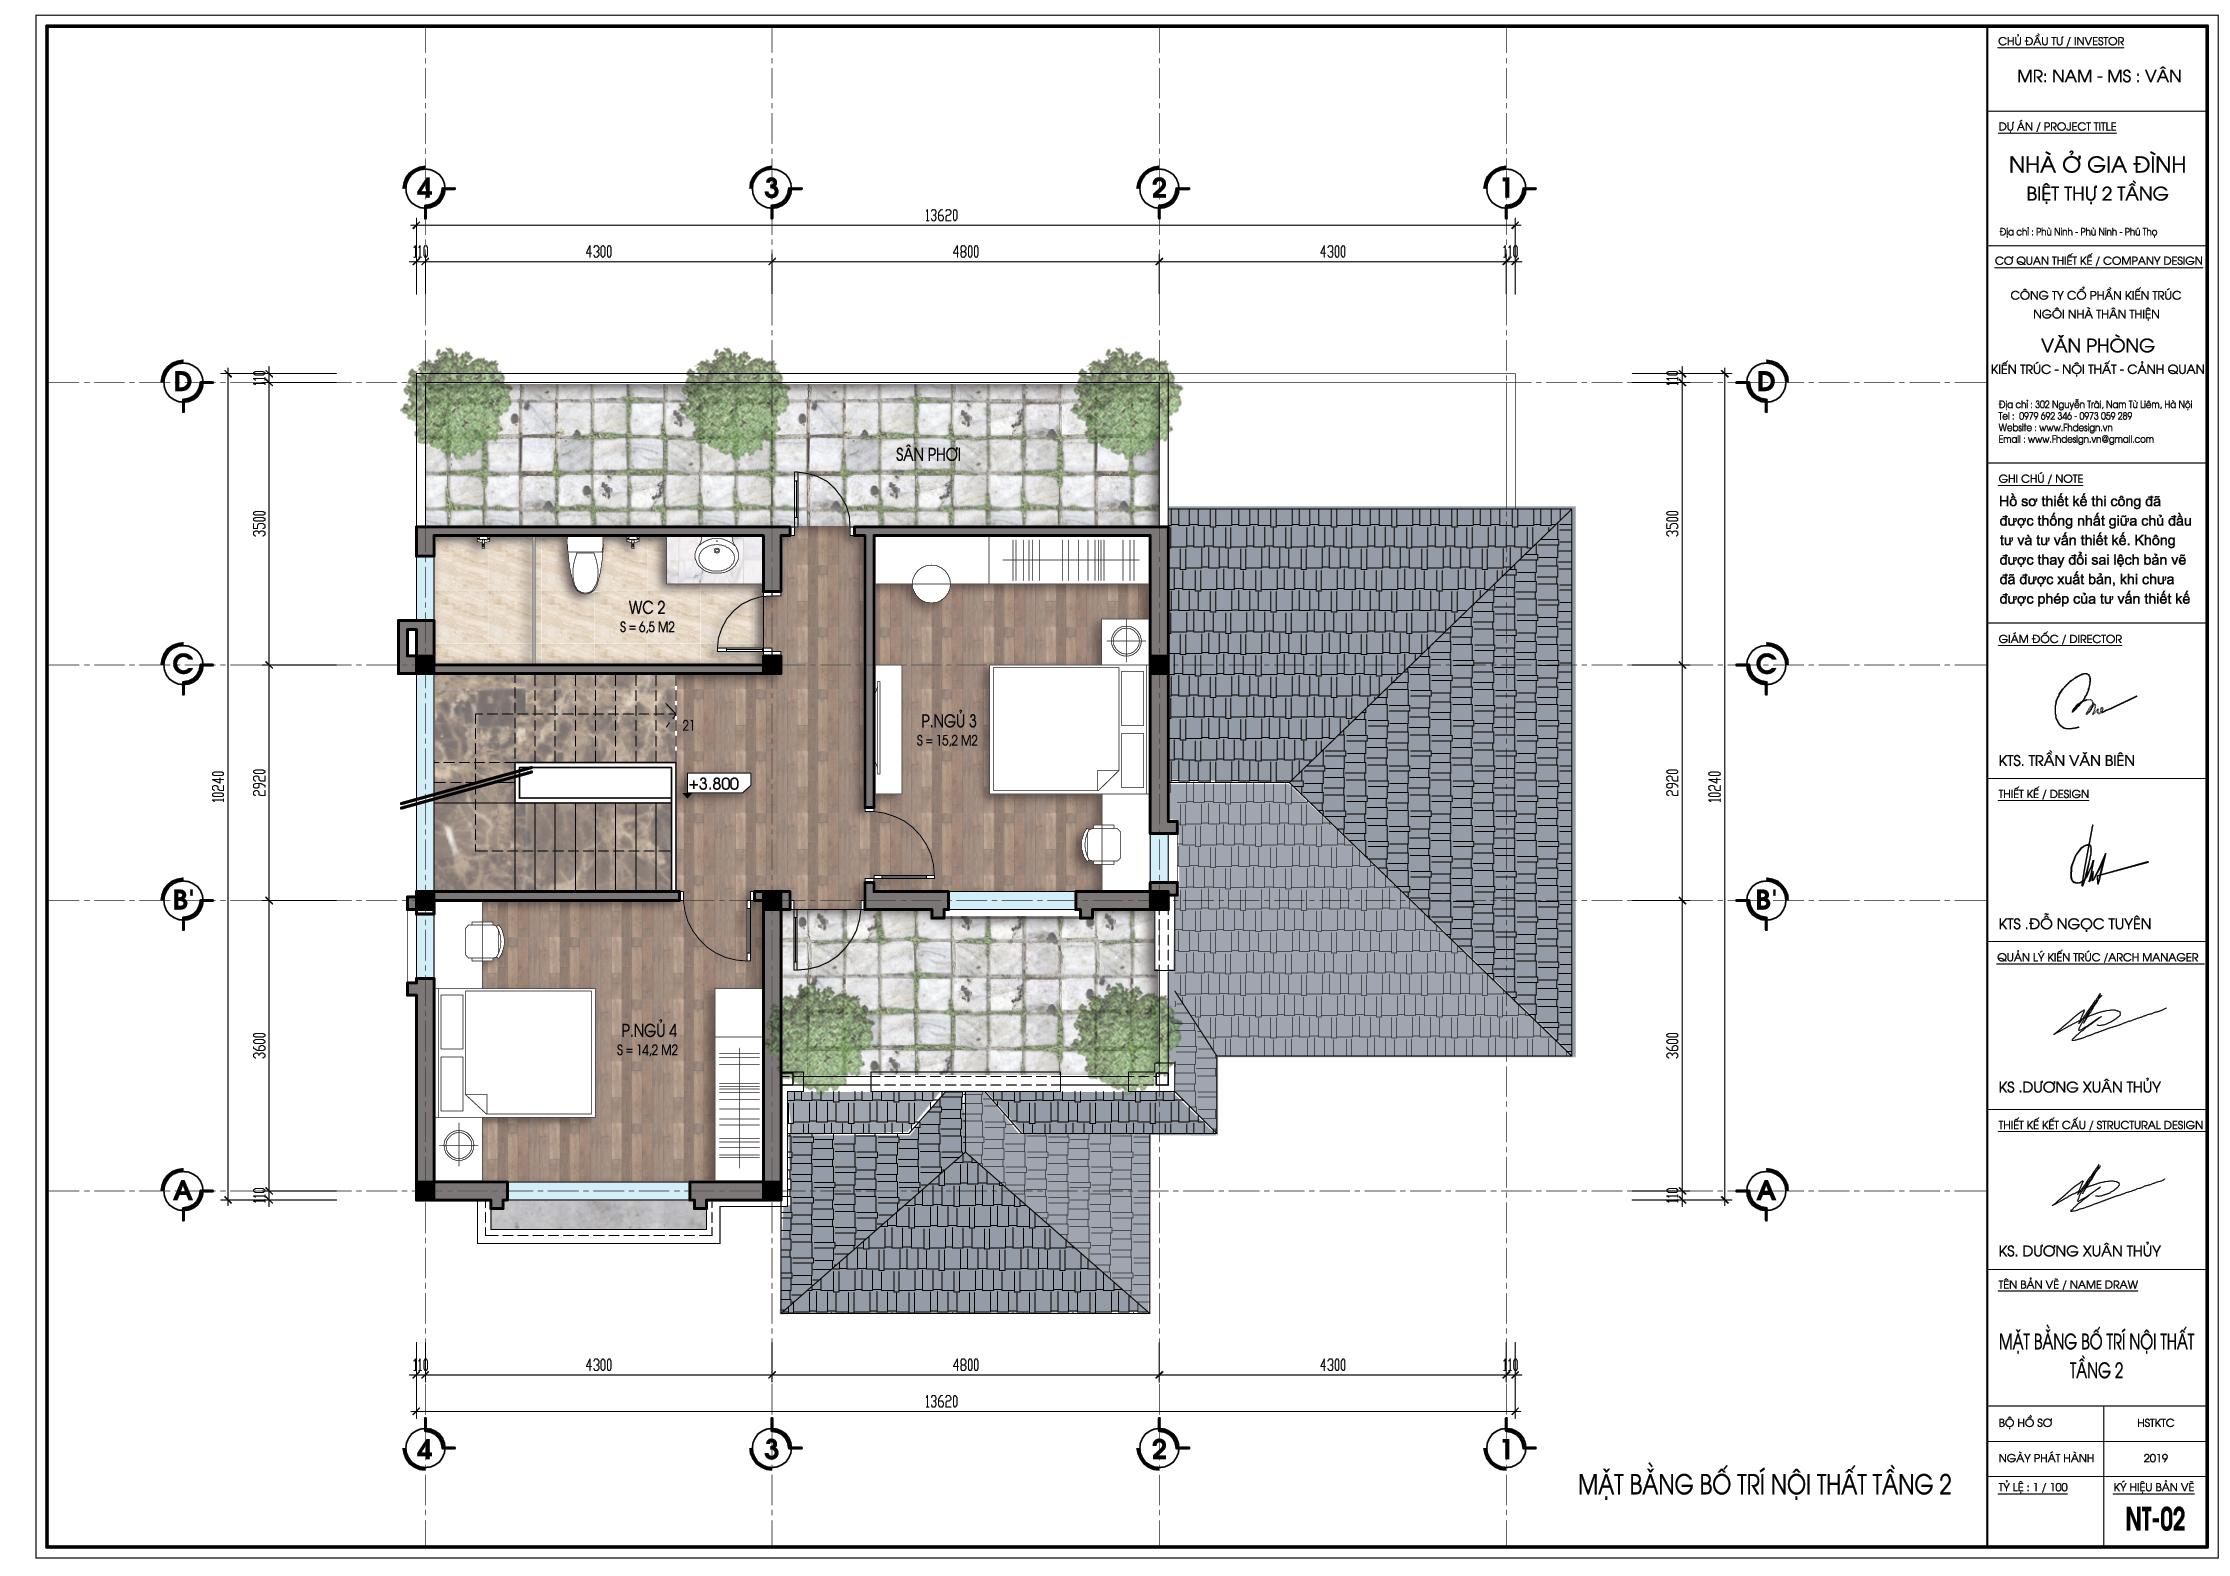 thiết kế Biệt Thự 2 tầng tại Phú Thọ Thiết kế biệt thự 2 tầng tại Phú Thọ 3 1564398697